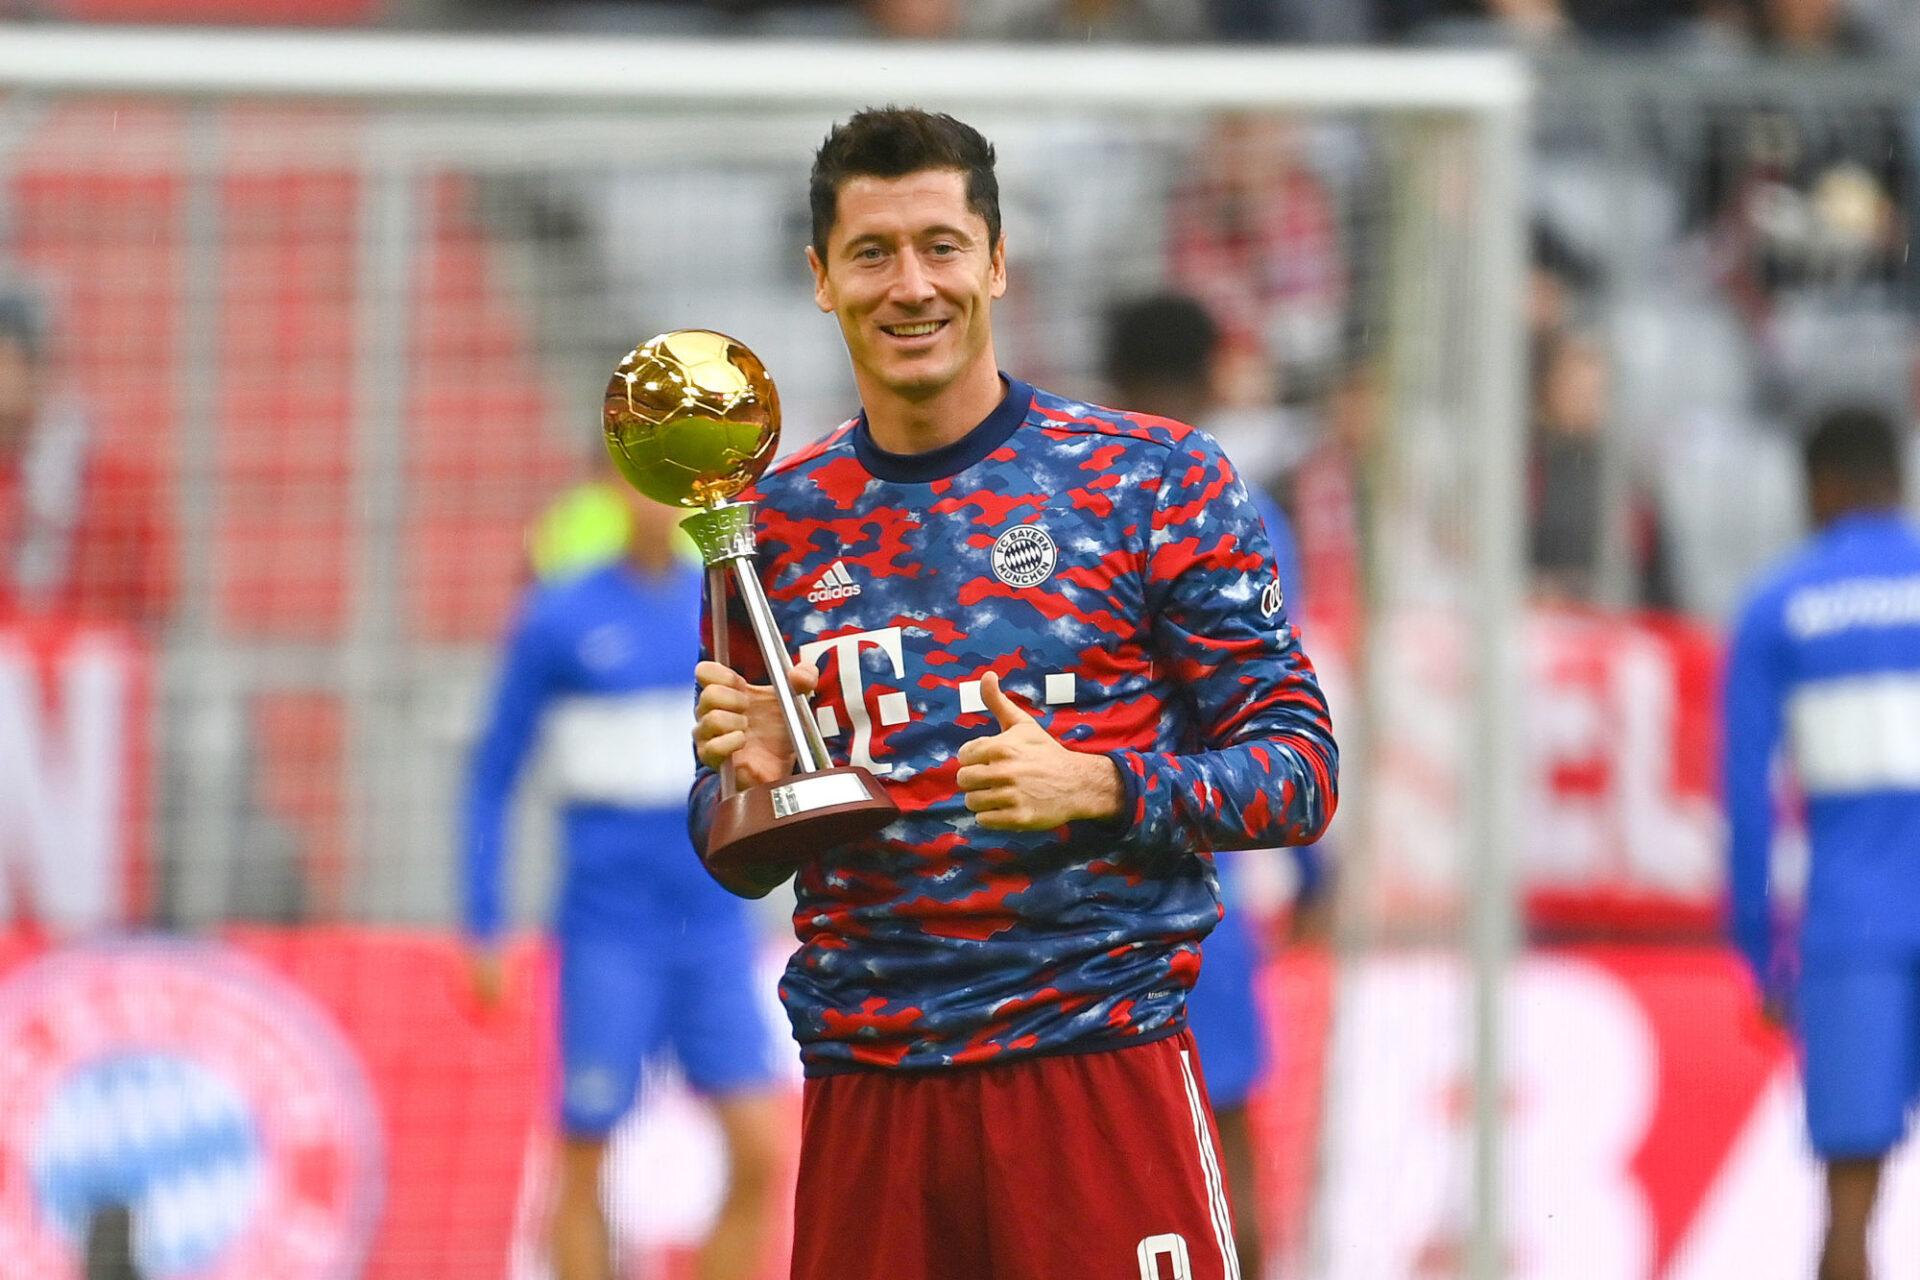 """Fin août, avant le coup d'envoi de la nouvelle saison, Robert Lewandowski avait déjà reçu son trophée de """"joueur de l'année"""" en Allemagne. Icon Sport"""